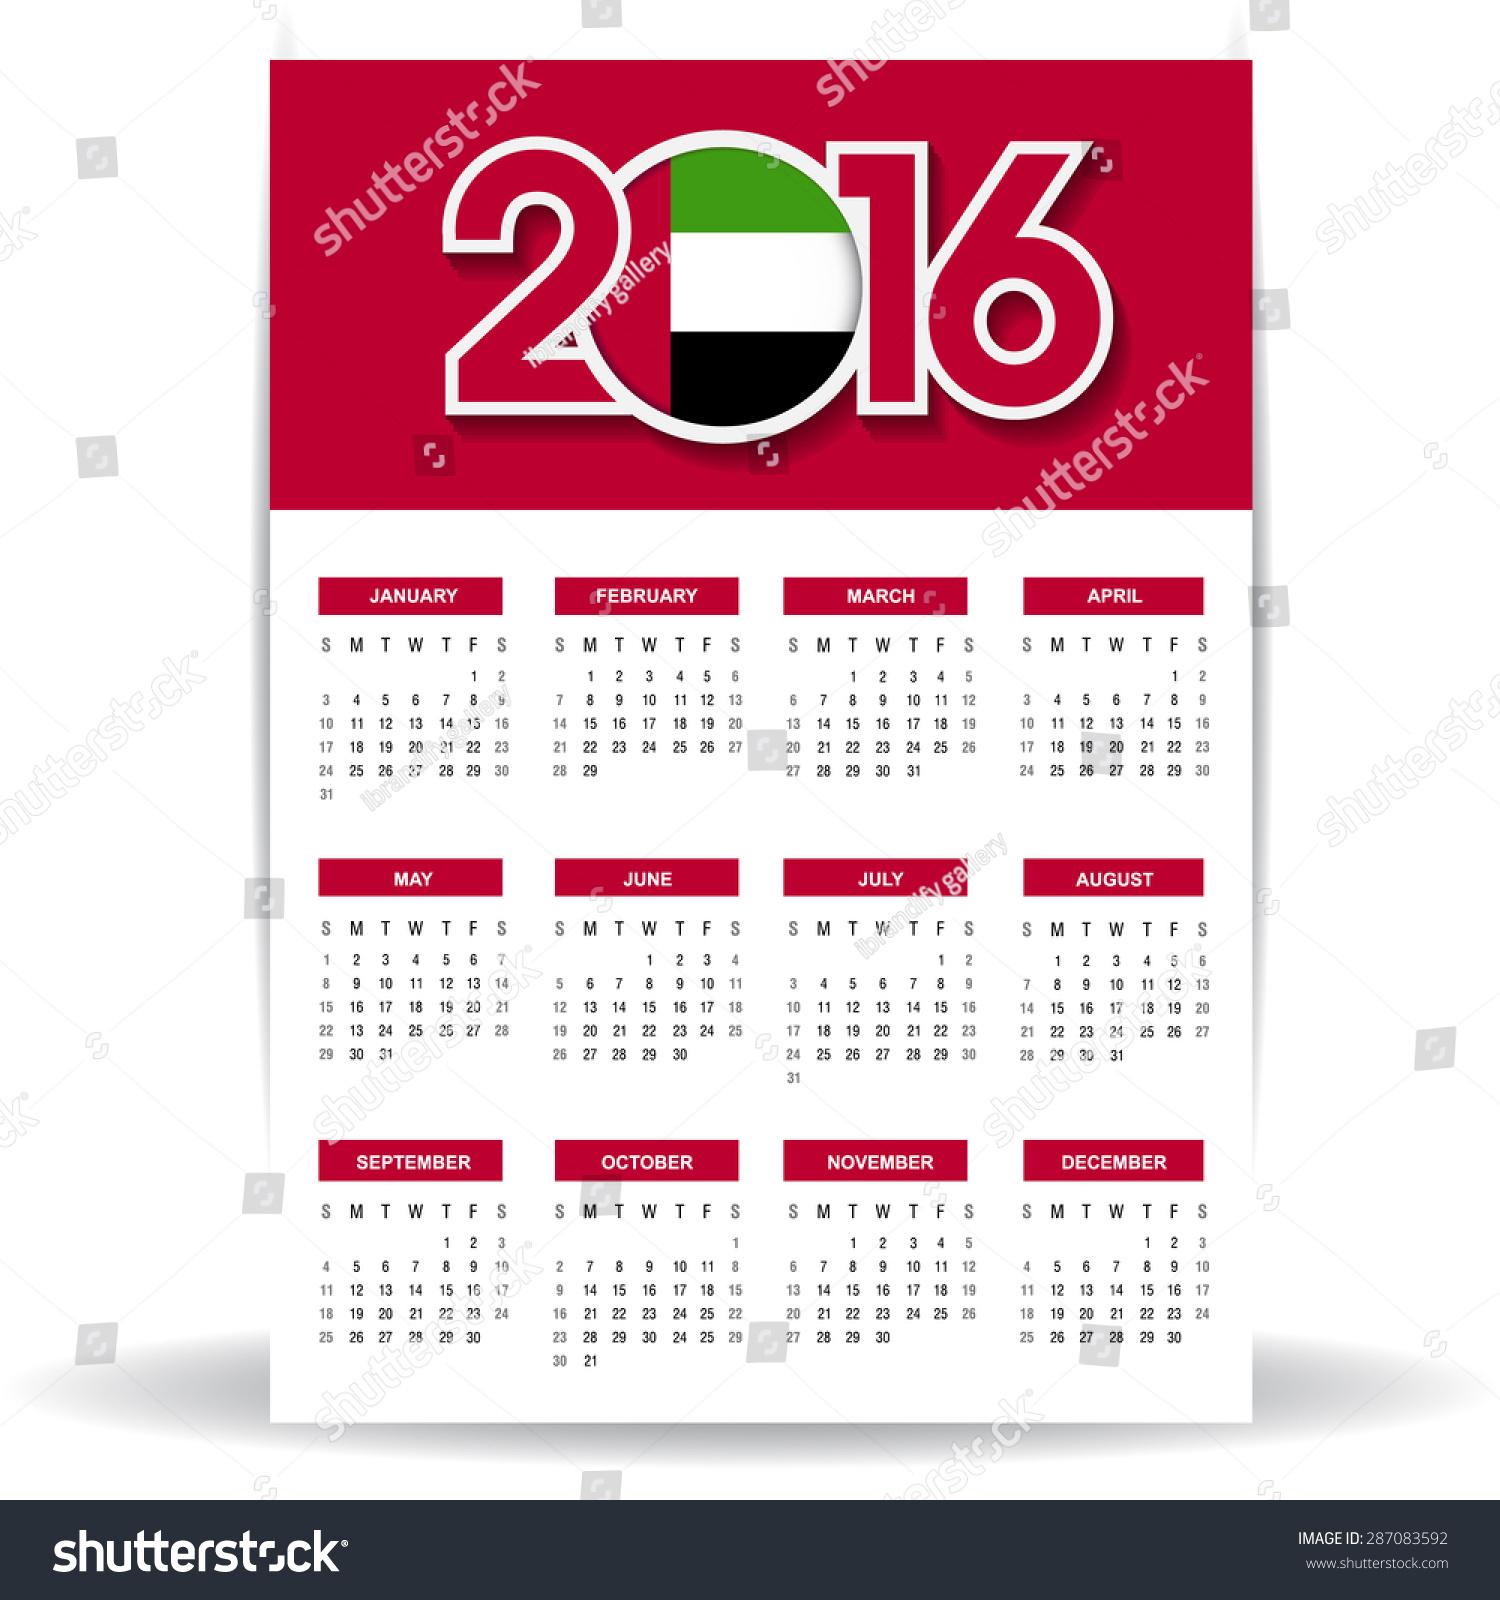 Calendar Uae : Calendar united arab emirates uae stock vector